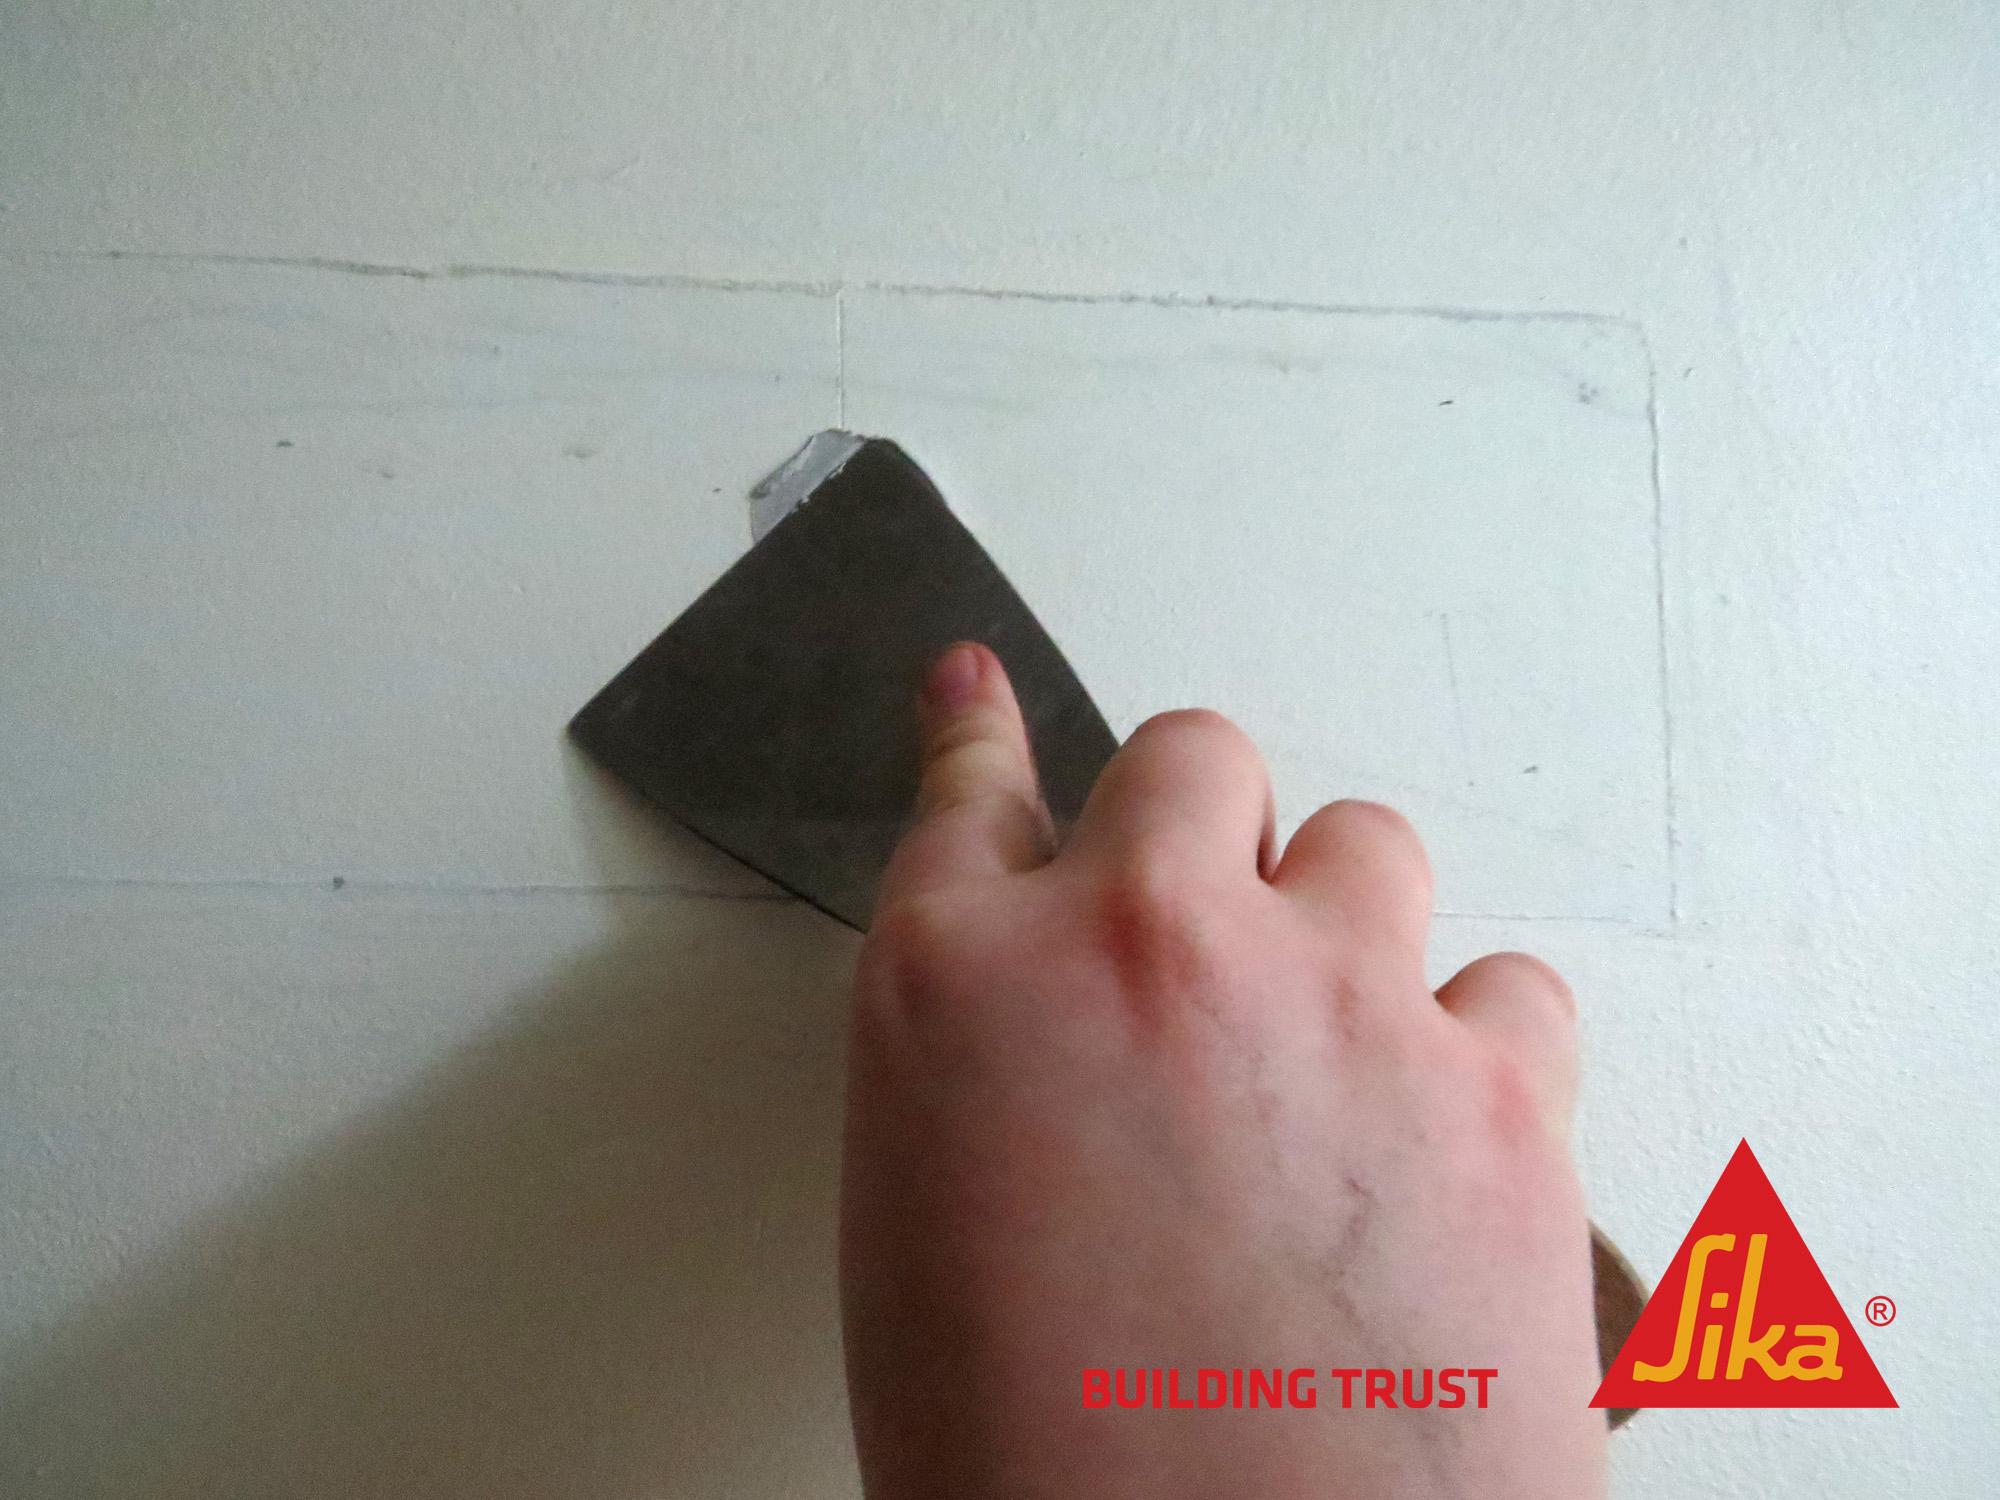 How to repair cracks in walls - Image